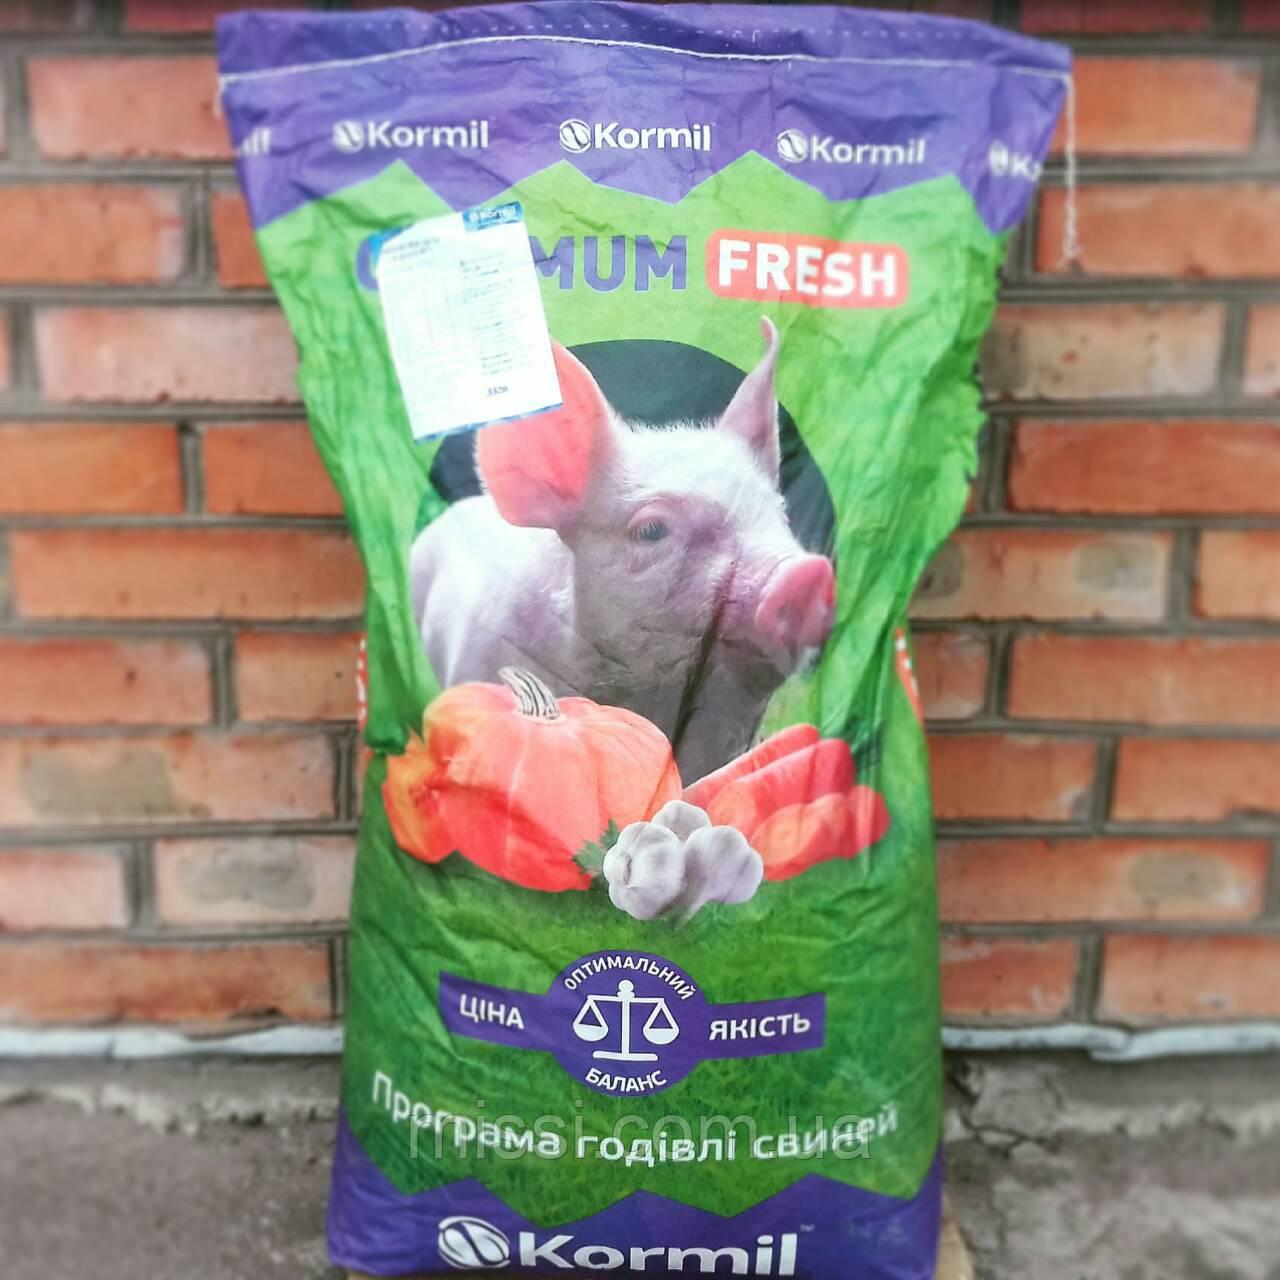 БМВД OPTIMUM fresh СТАРТ для свиней 20% Kormil (мішок 20 кг), Бердичів